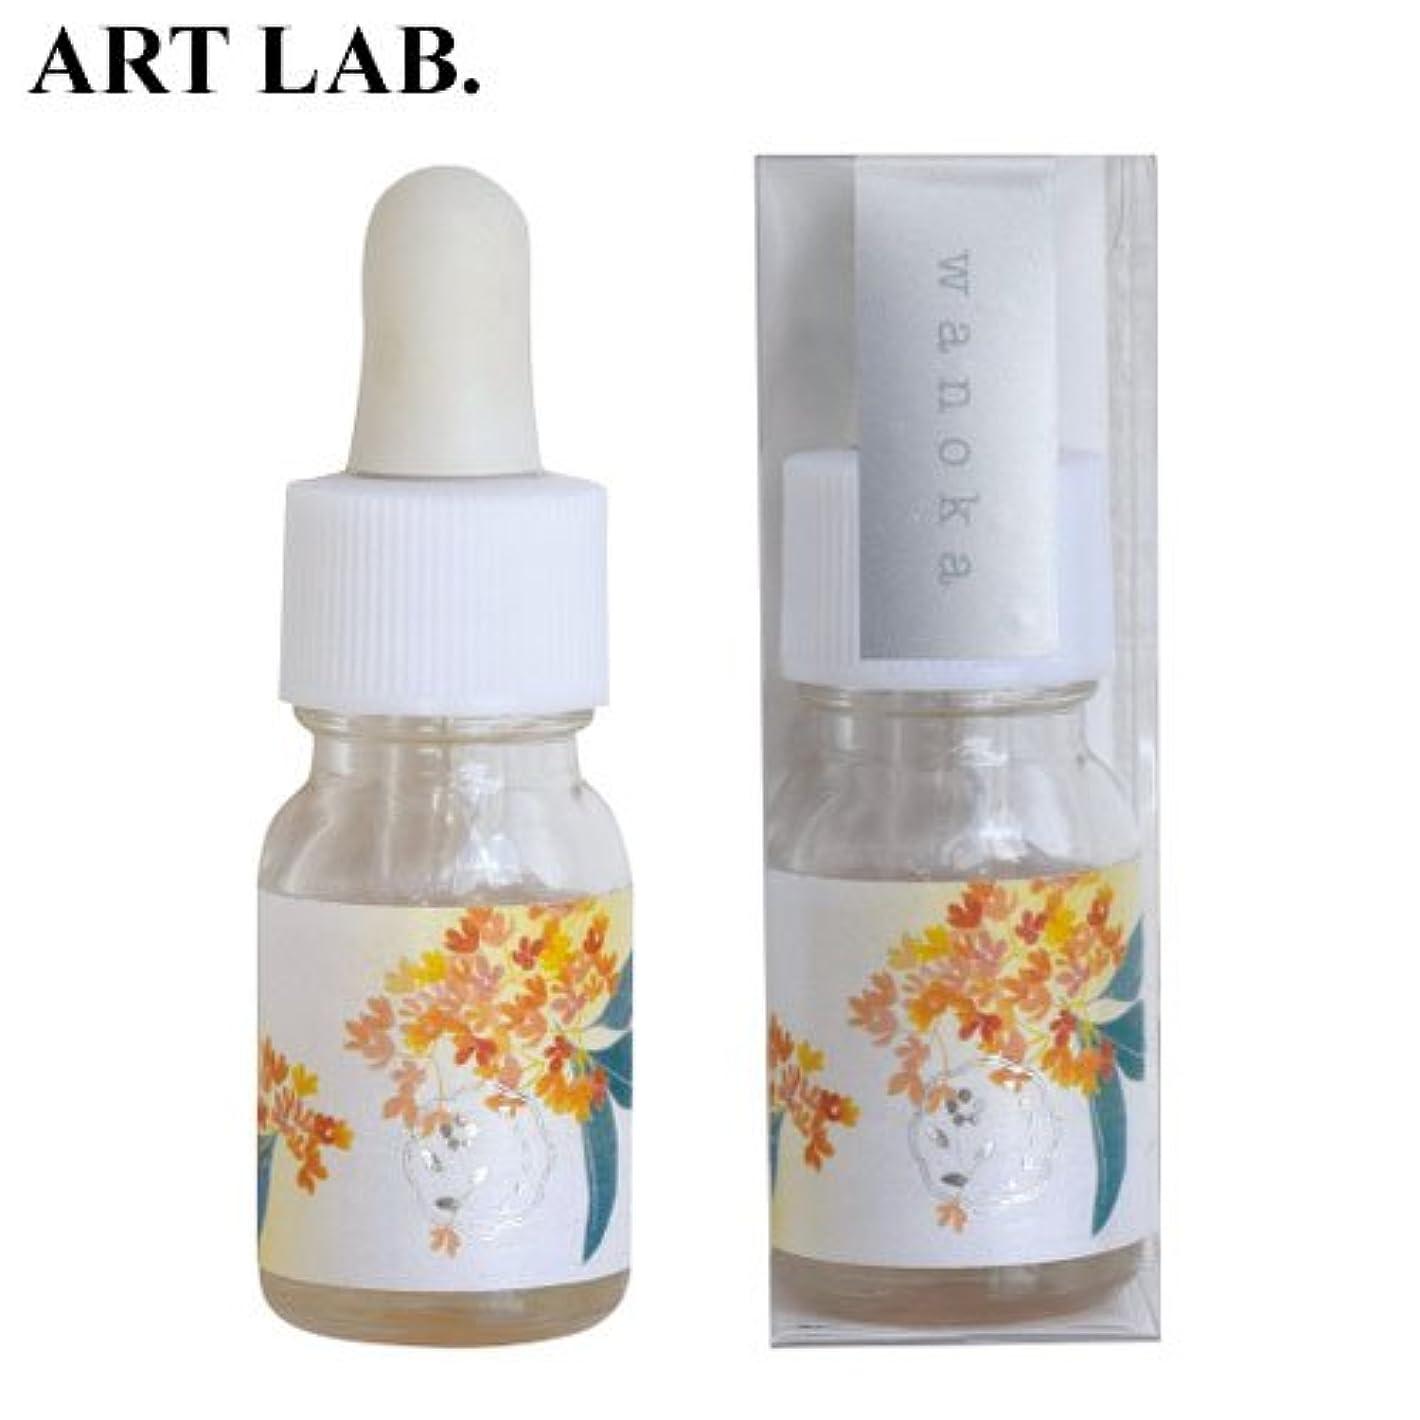 デッドロック型めったにwanoka香油アロマオイル金木犀《果実のような甘い香り》ART LABAromatic oil